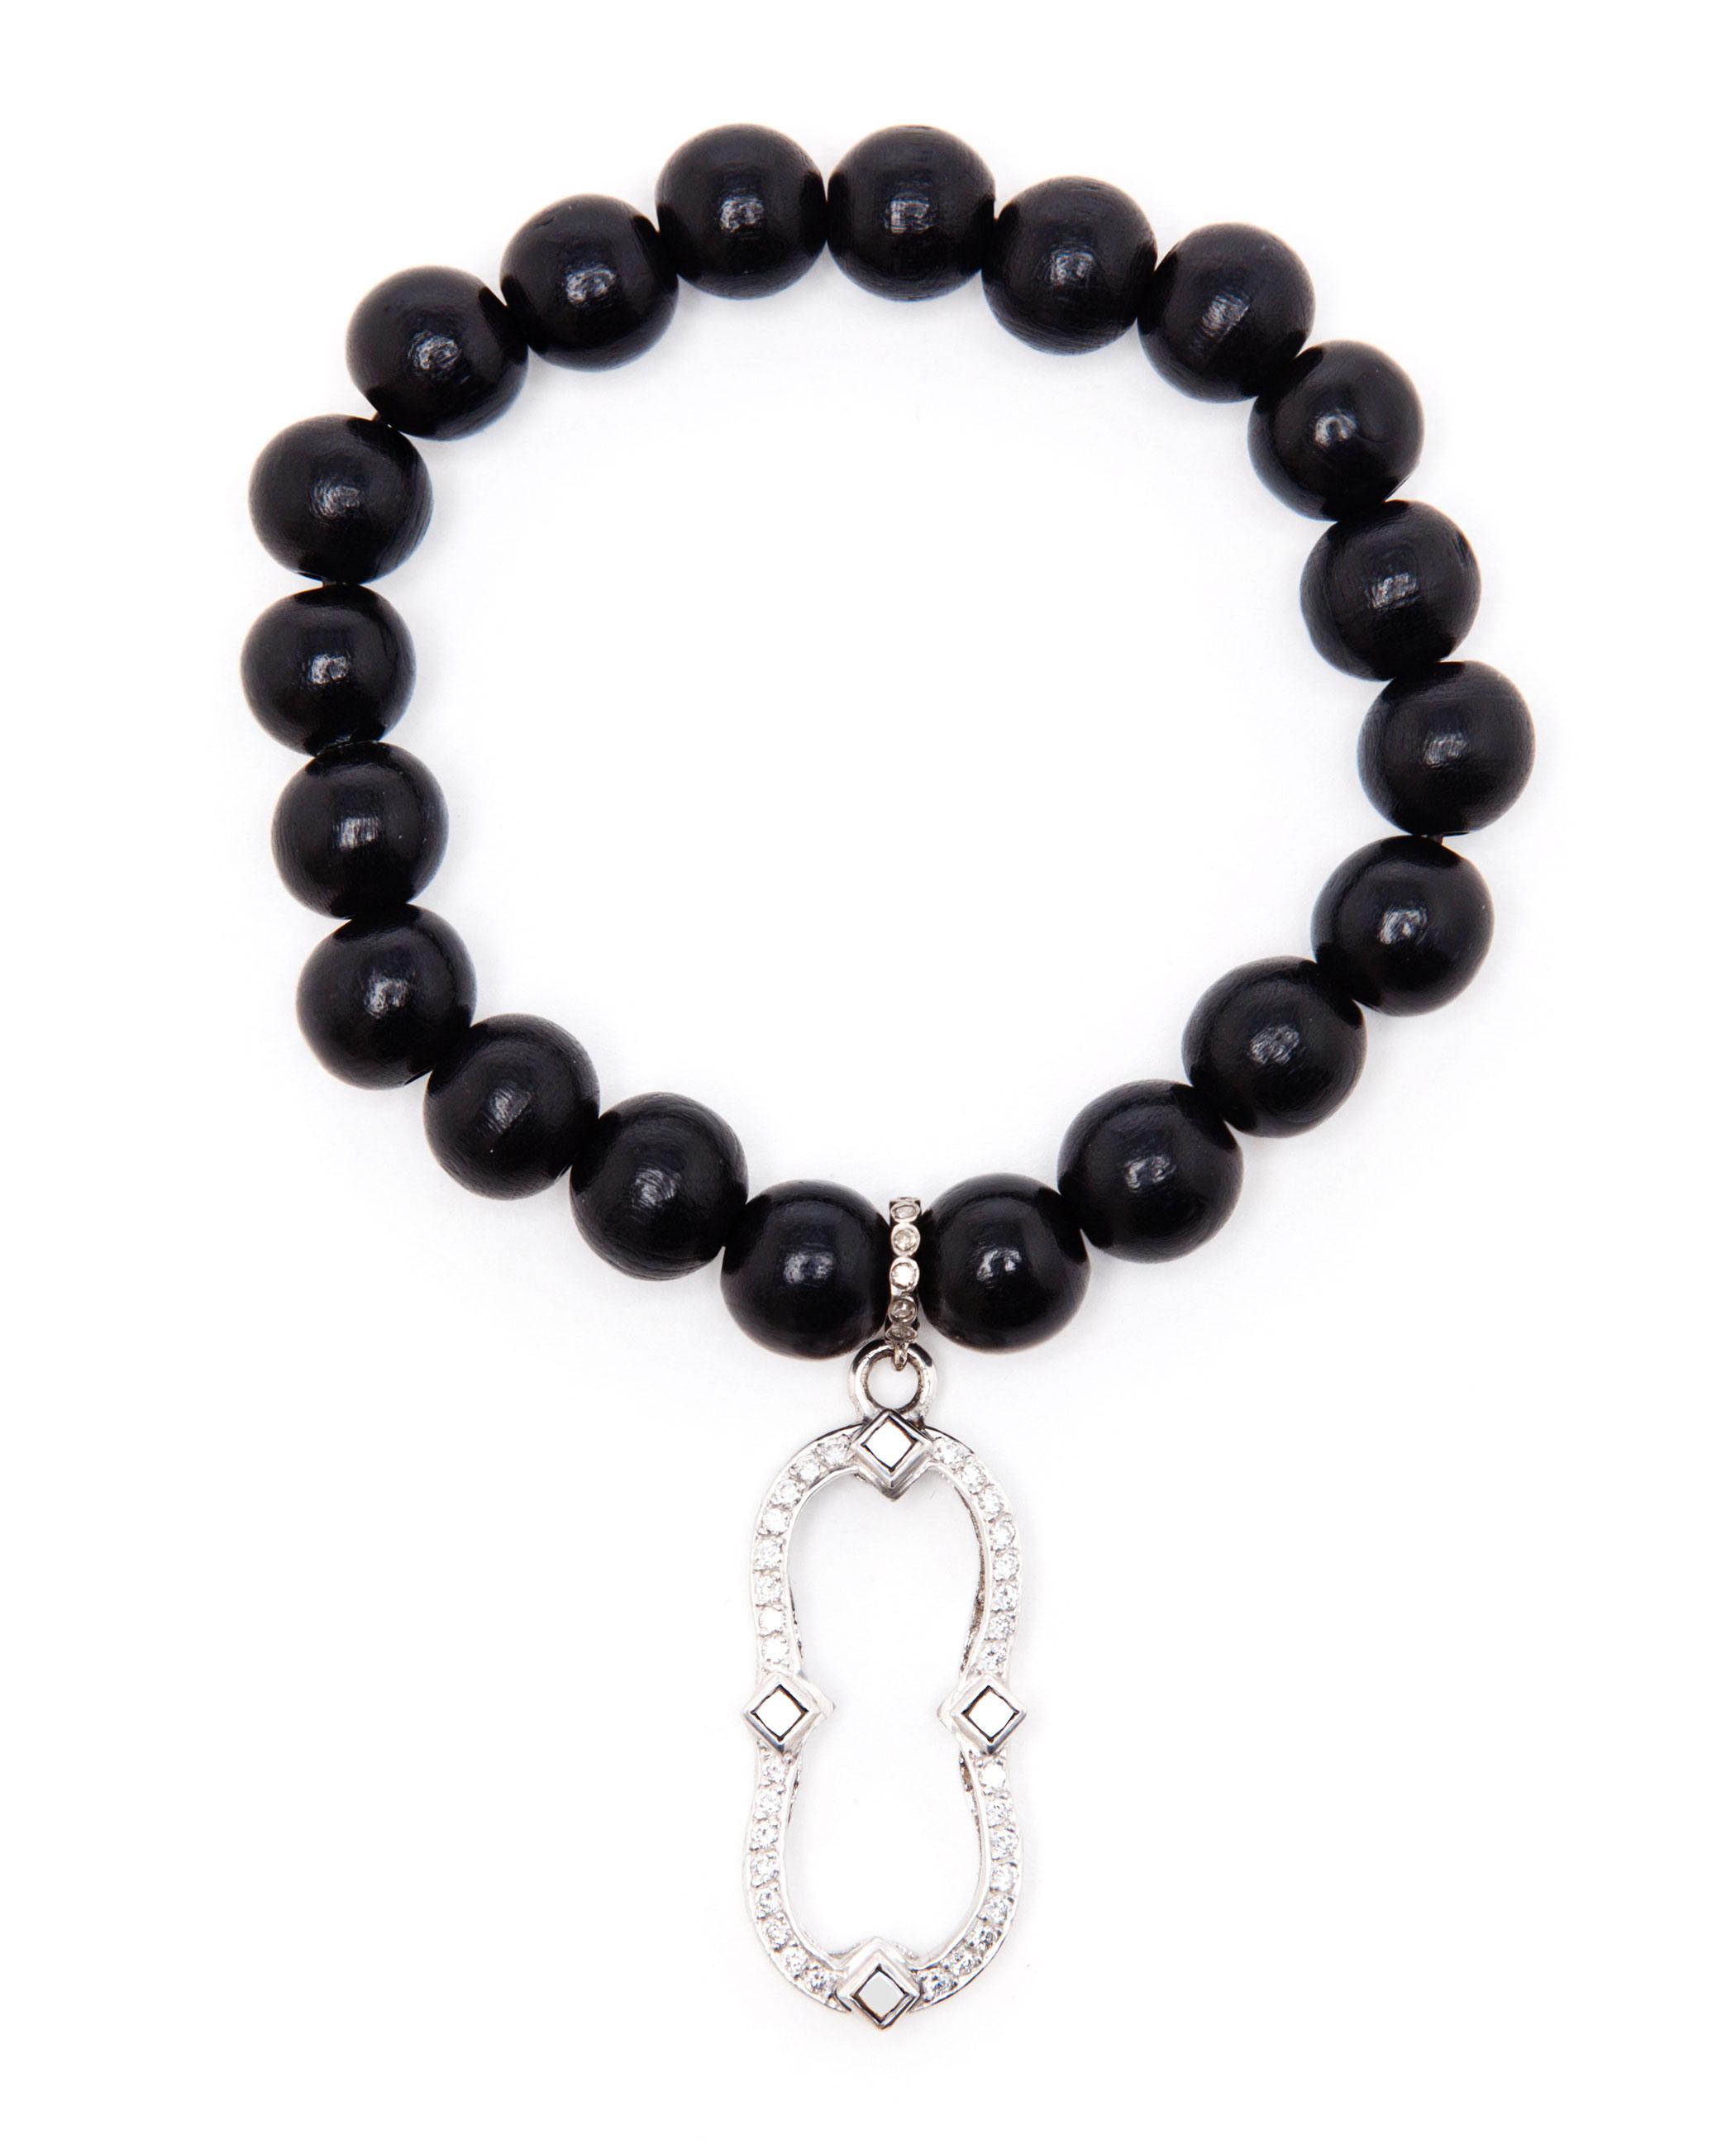 loree rodkin wooden bead bracelet with charm in